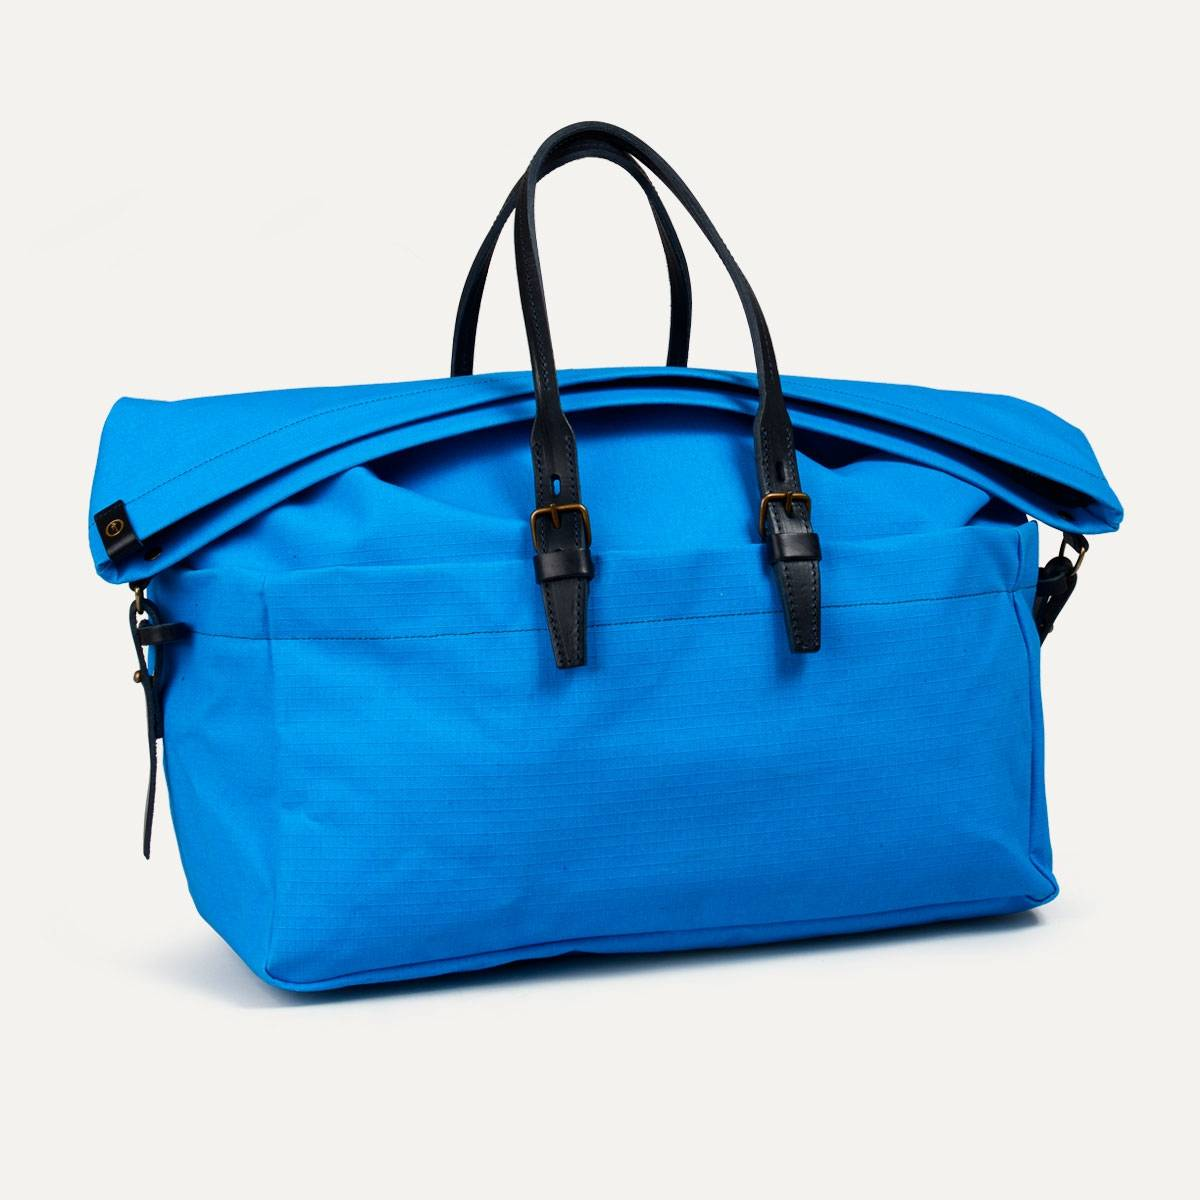 Cabine Travel bag  - Regentex Blue (image n°2)